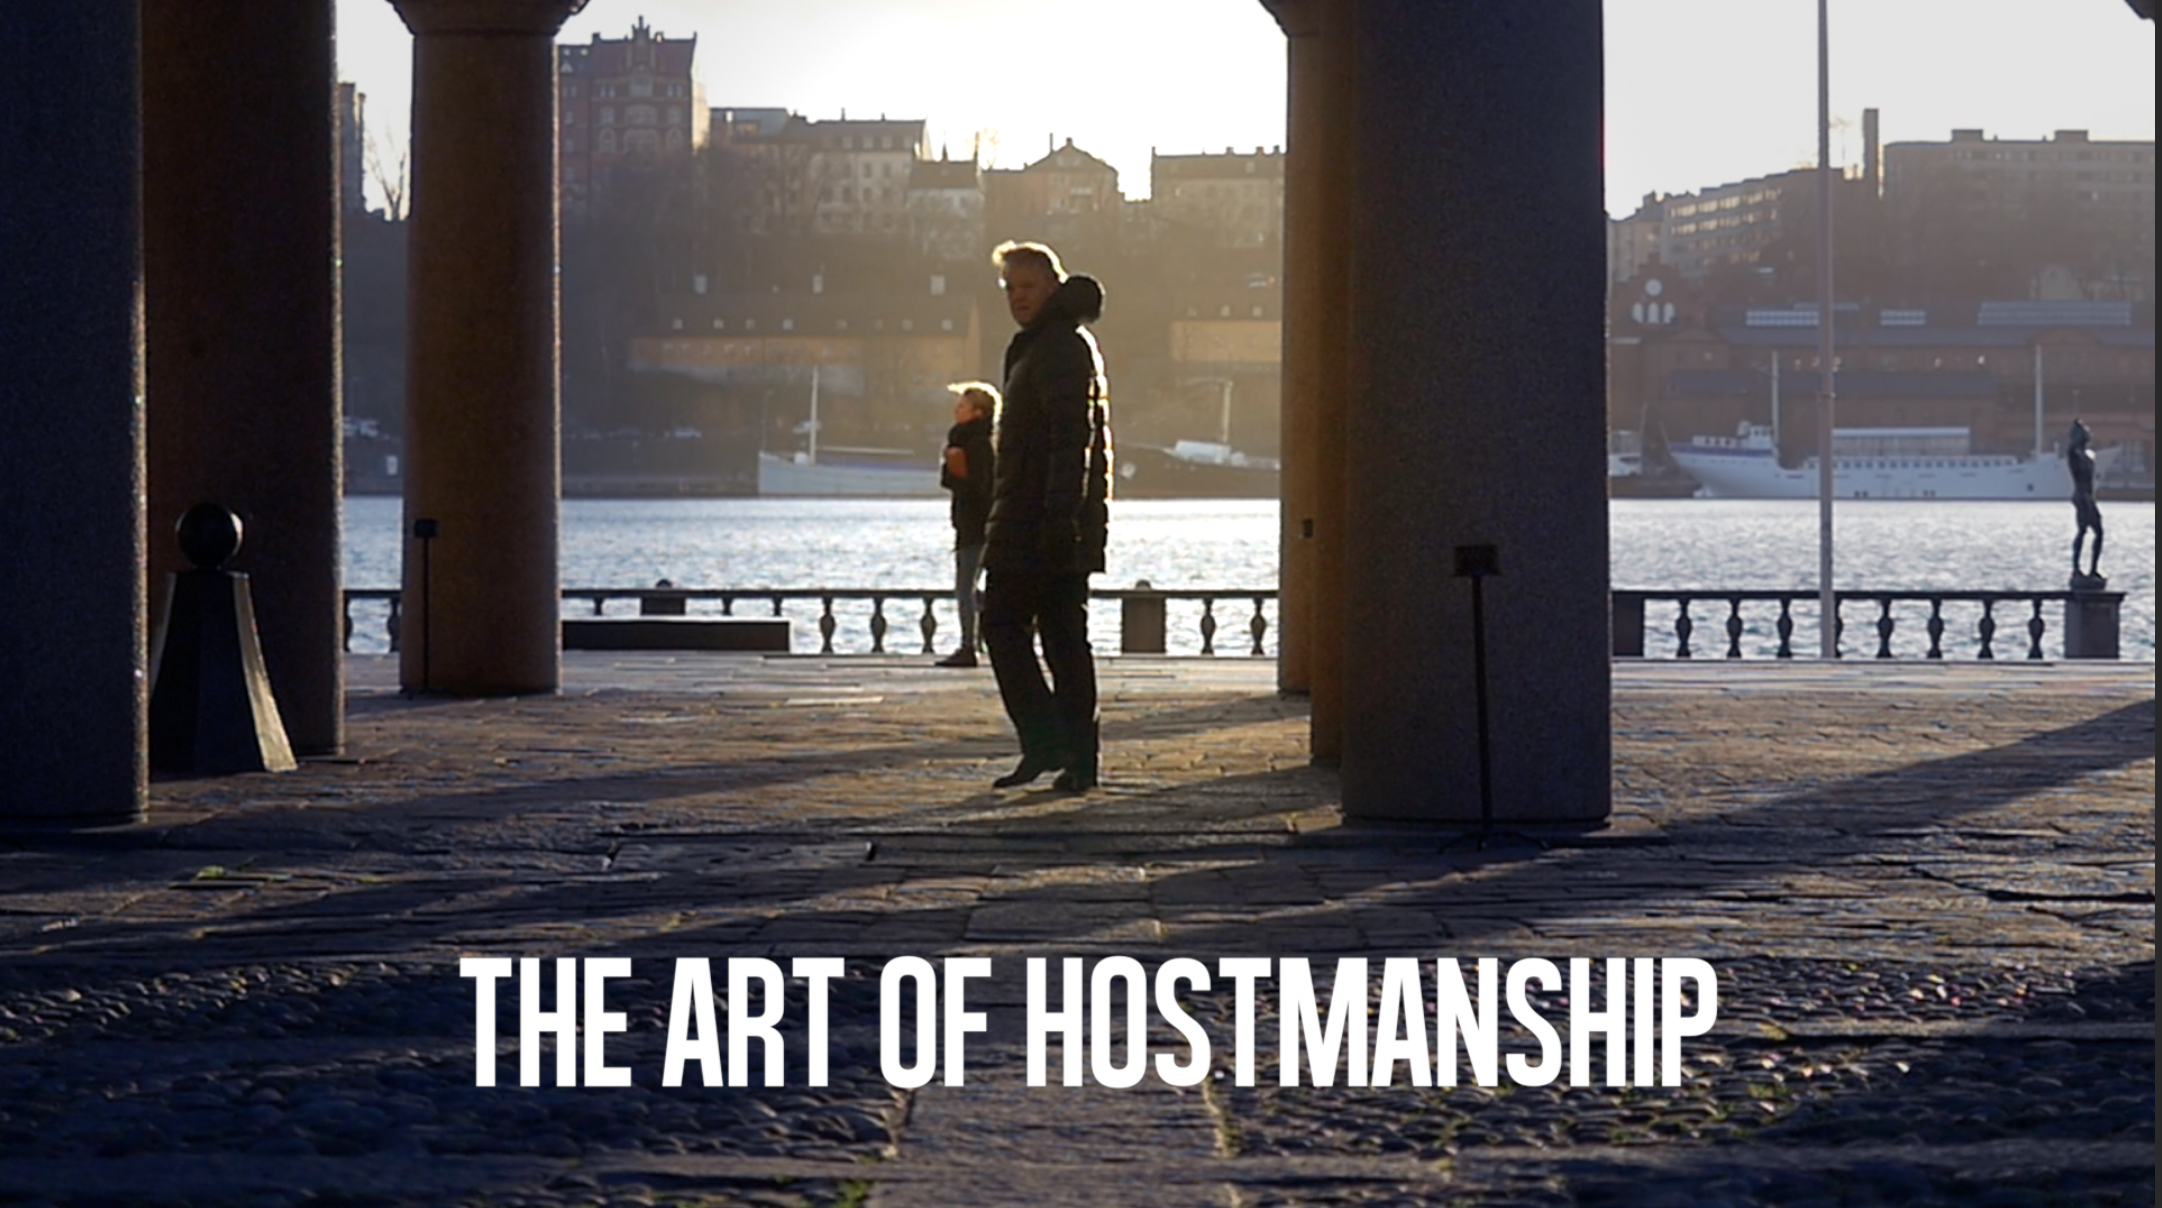 The Art of Hostmanship